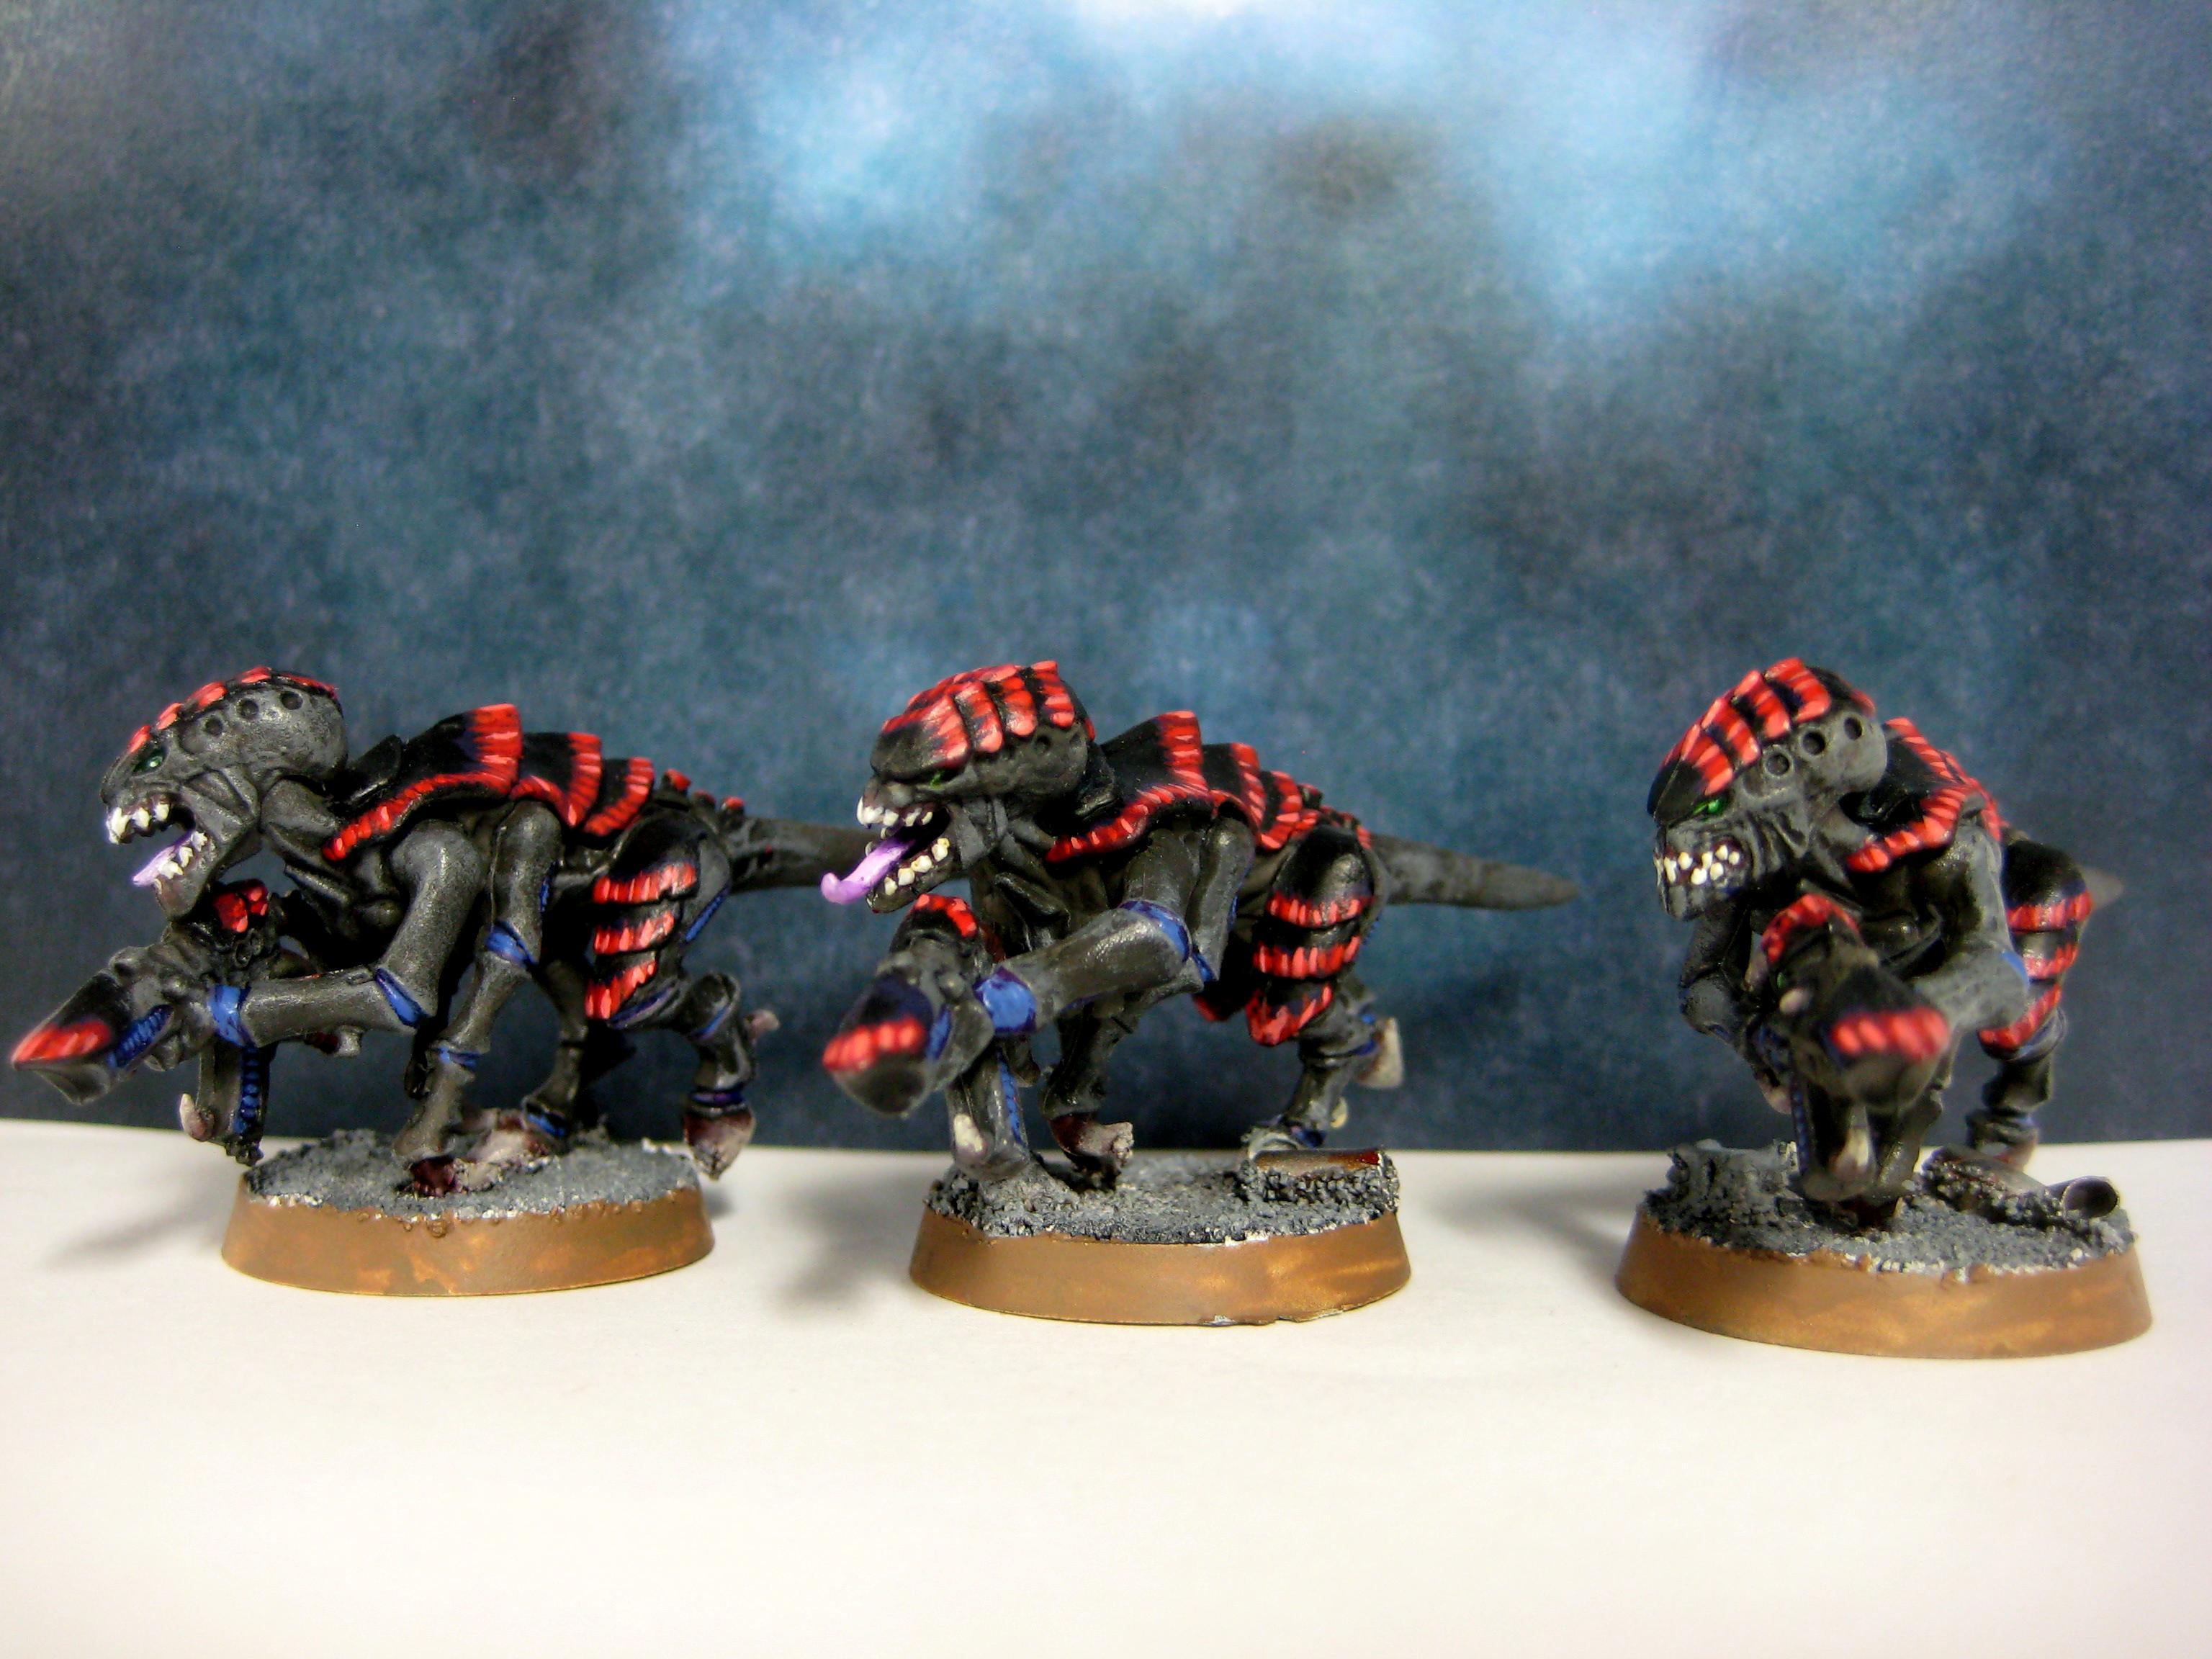 Termagants, Tyranids, Warhammer 40,000